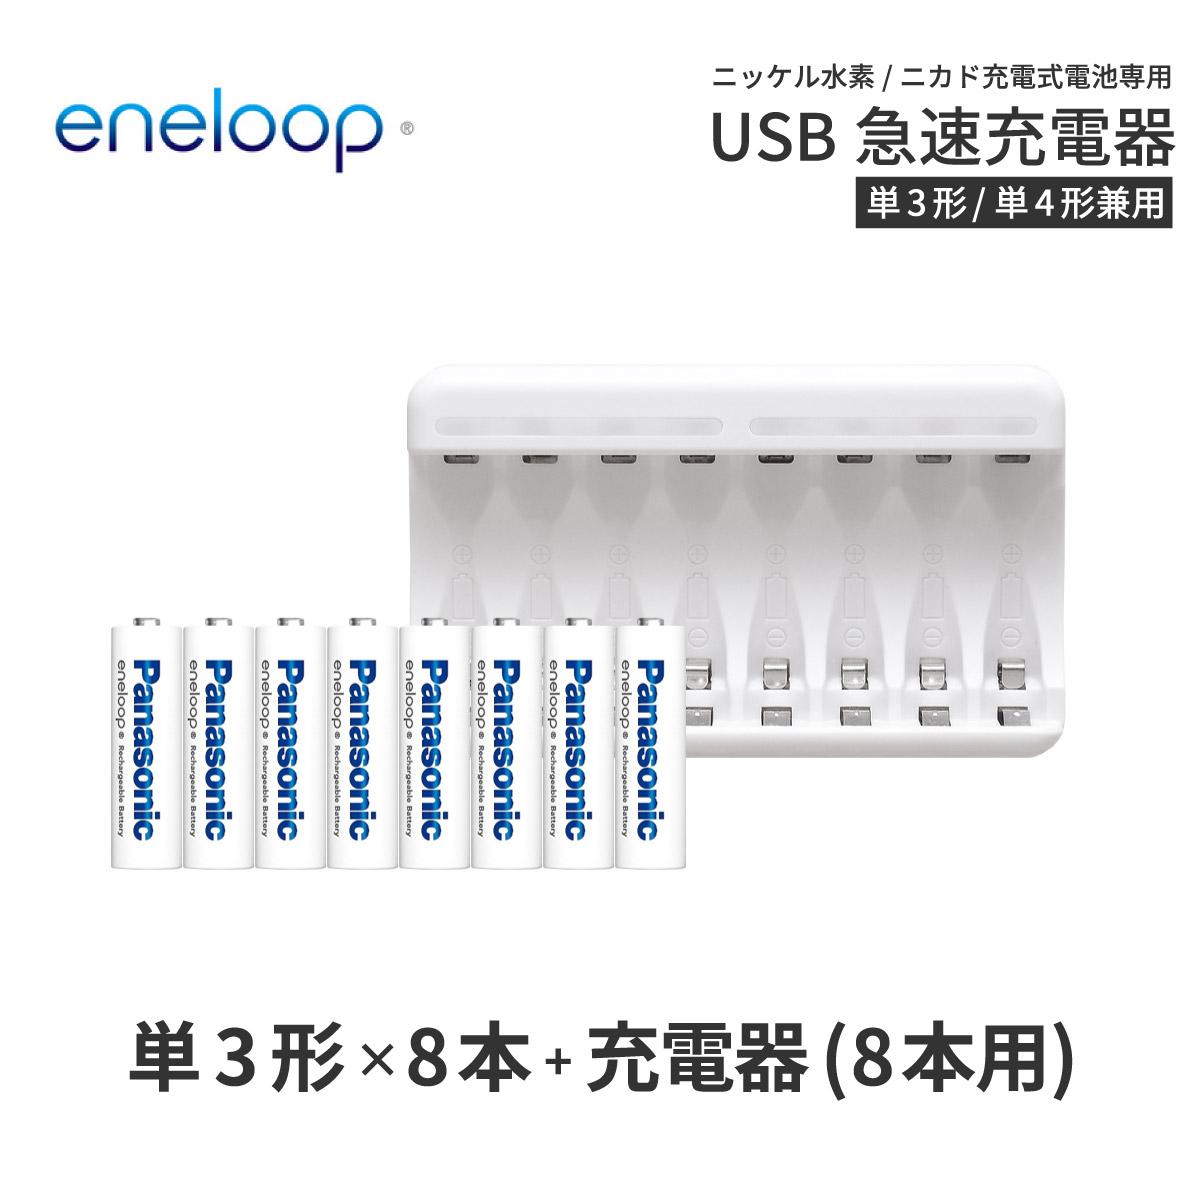 安い 乾電池 から充電池へ 電池 単三 単3 充電器 最安値 チャージャー eneloop 充電器セット単3形 エネループ 充電池 8本とUSB充電器のセットニッケル水素電池 単3ネコポス送料無料